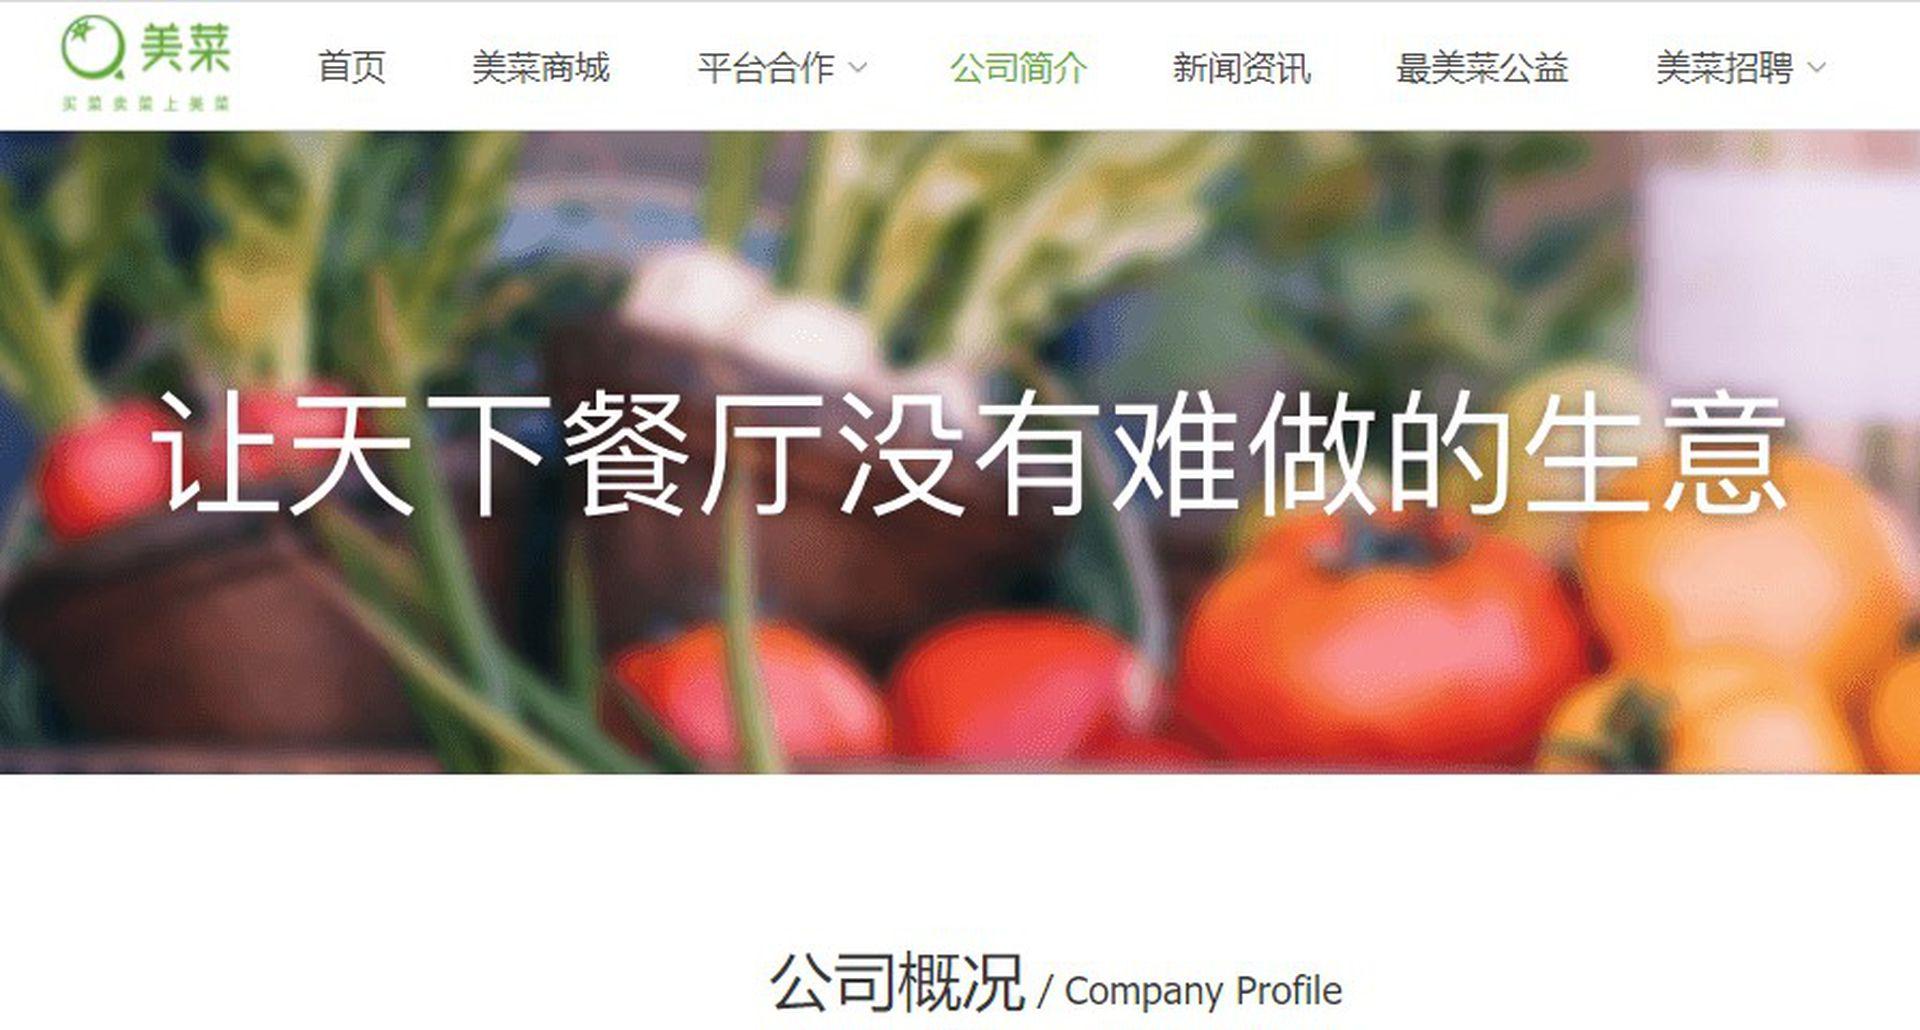 美菜網 ,或考慮將IPO地點由美國轉移至香港